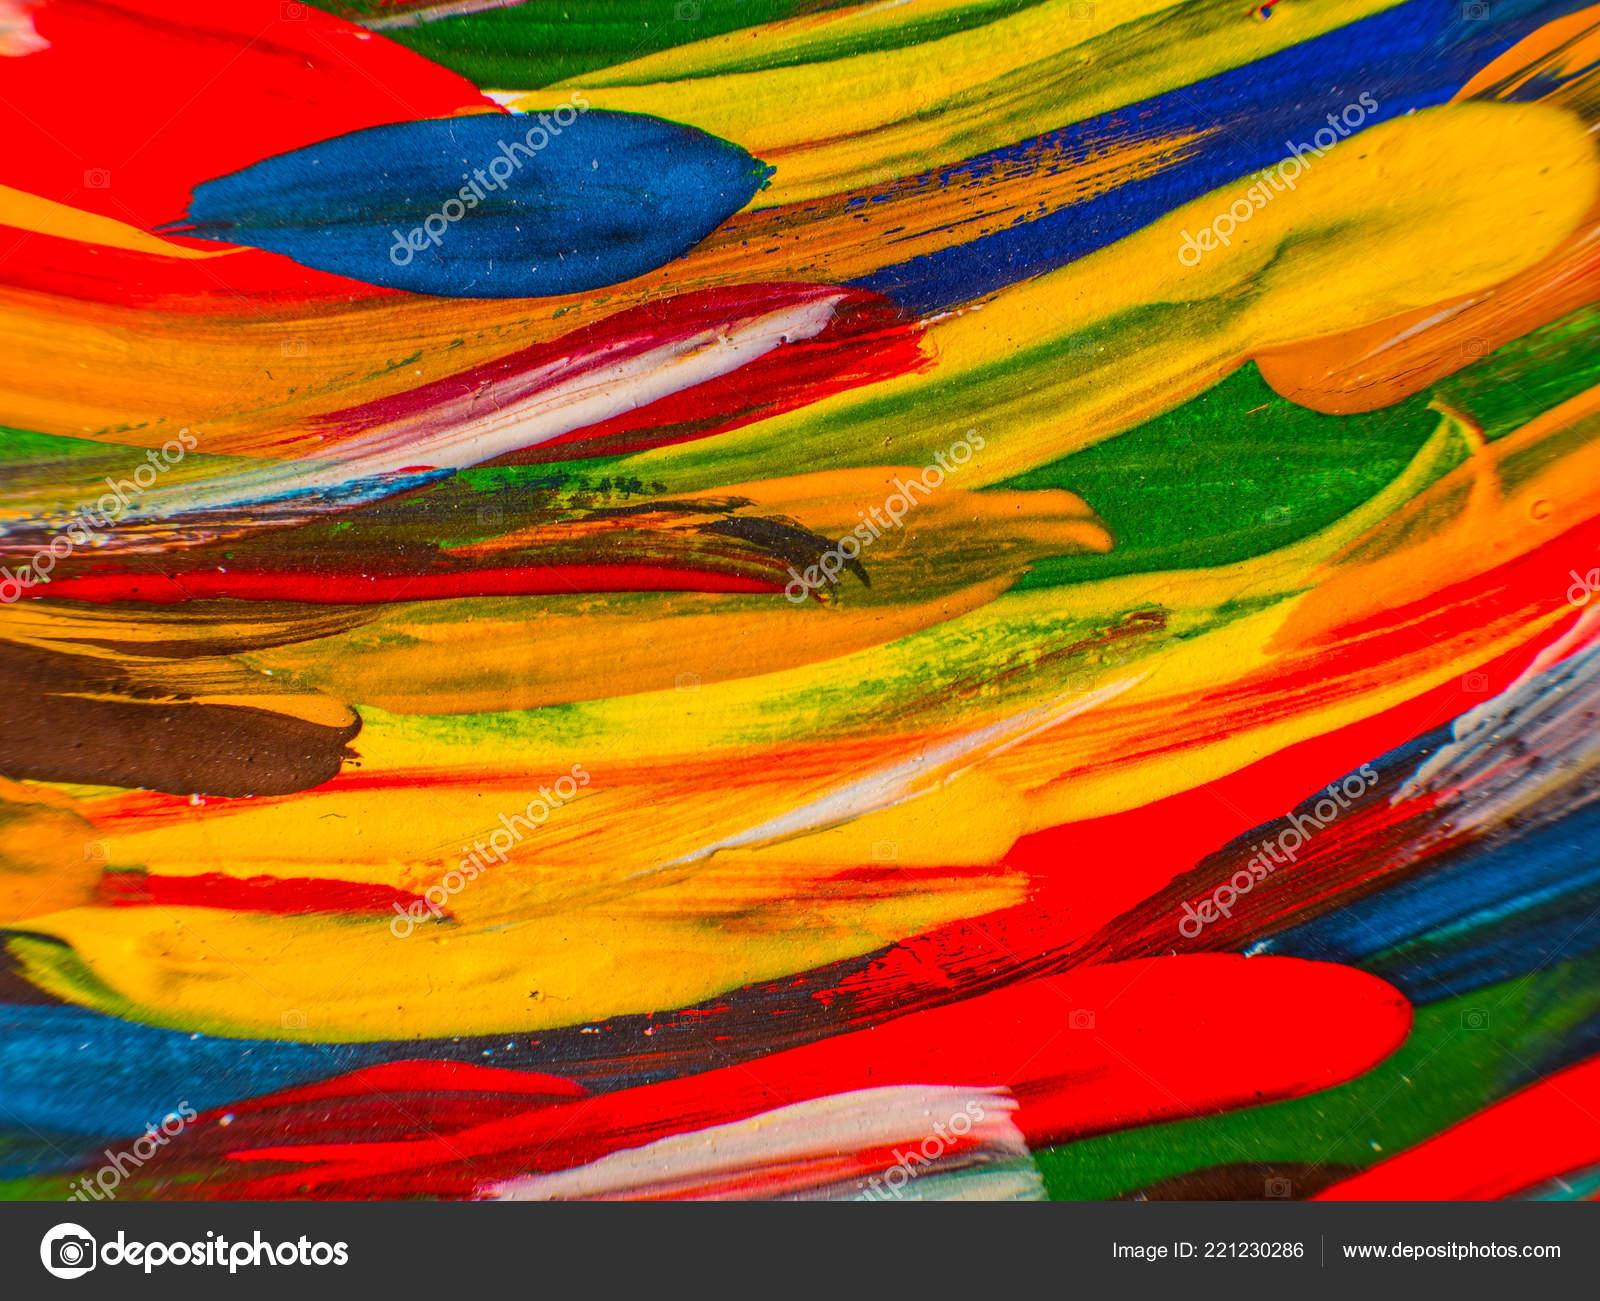 handgemalte gemlde abstrakte kunst hintergrund malerei auf leinwand farbtextur fragment stockfoto